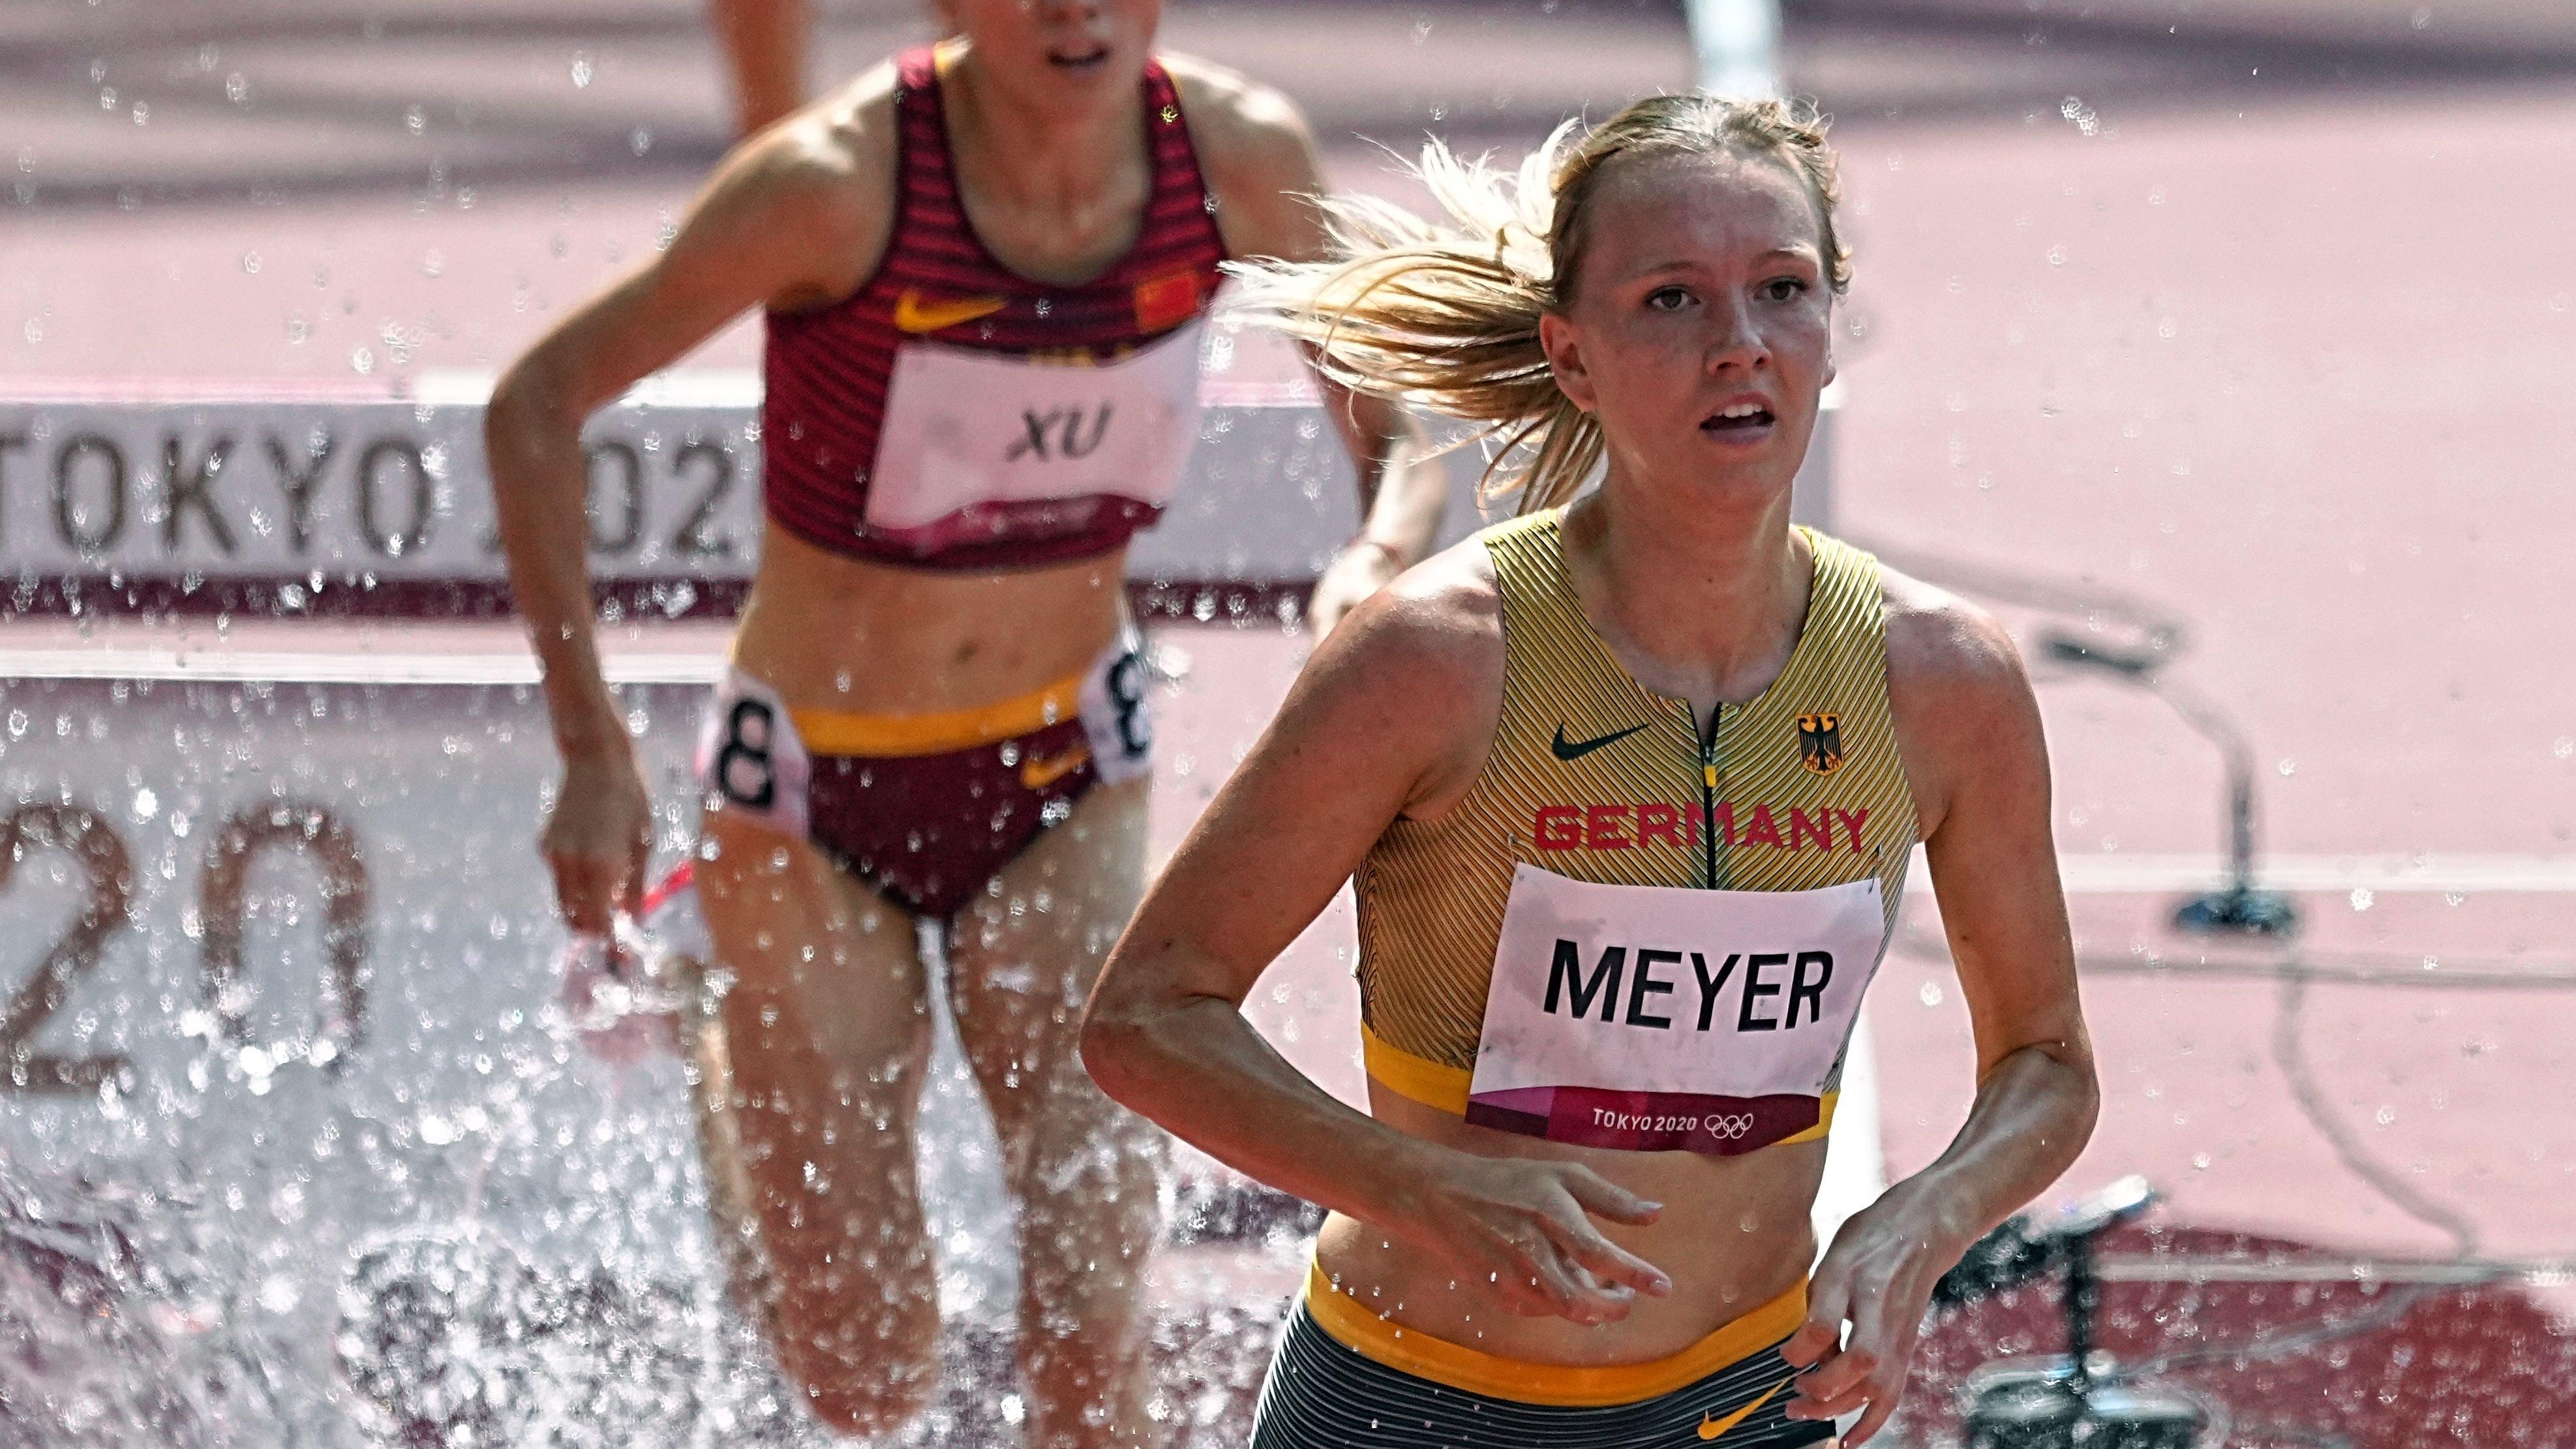 Als 7. ihres Vorlaufes hatte Lea Meyer über 3000 Meter Hindernis letztlich keine Chance auf einen Platz im Finale. Foto: dpa/Kappeler